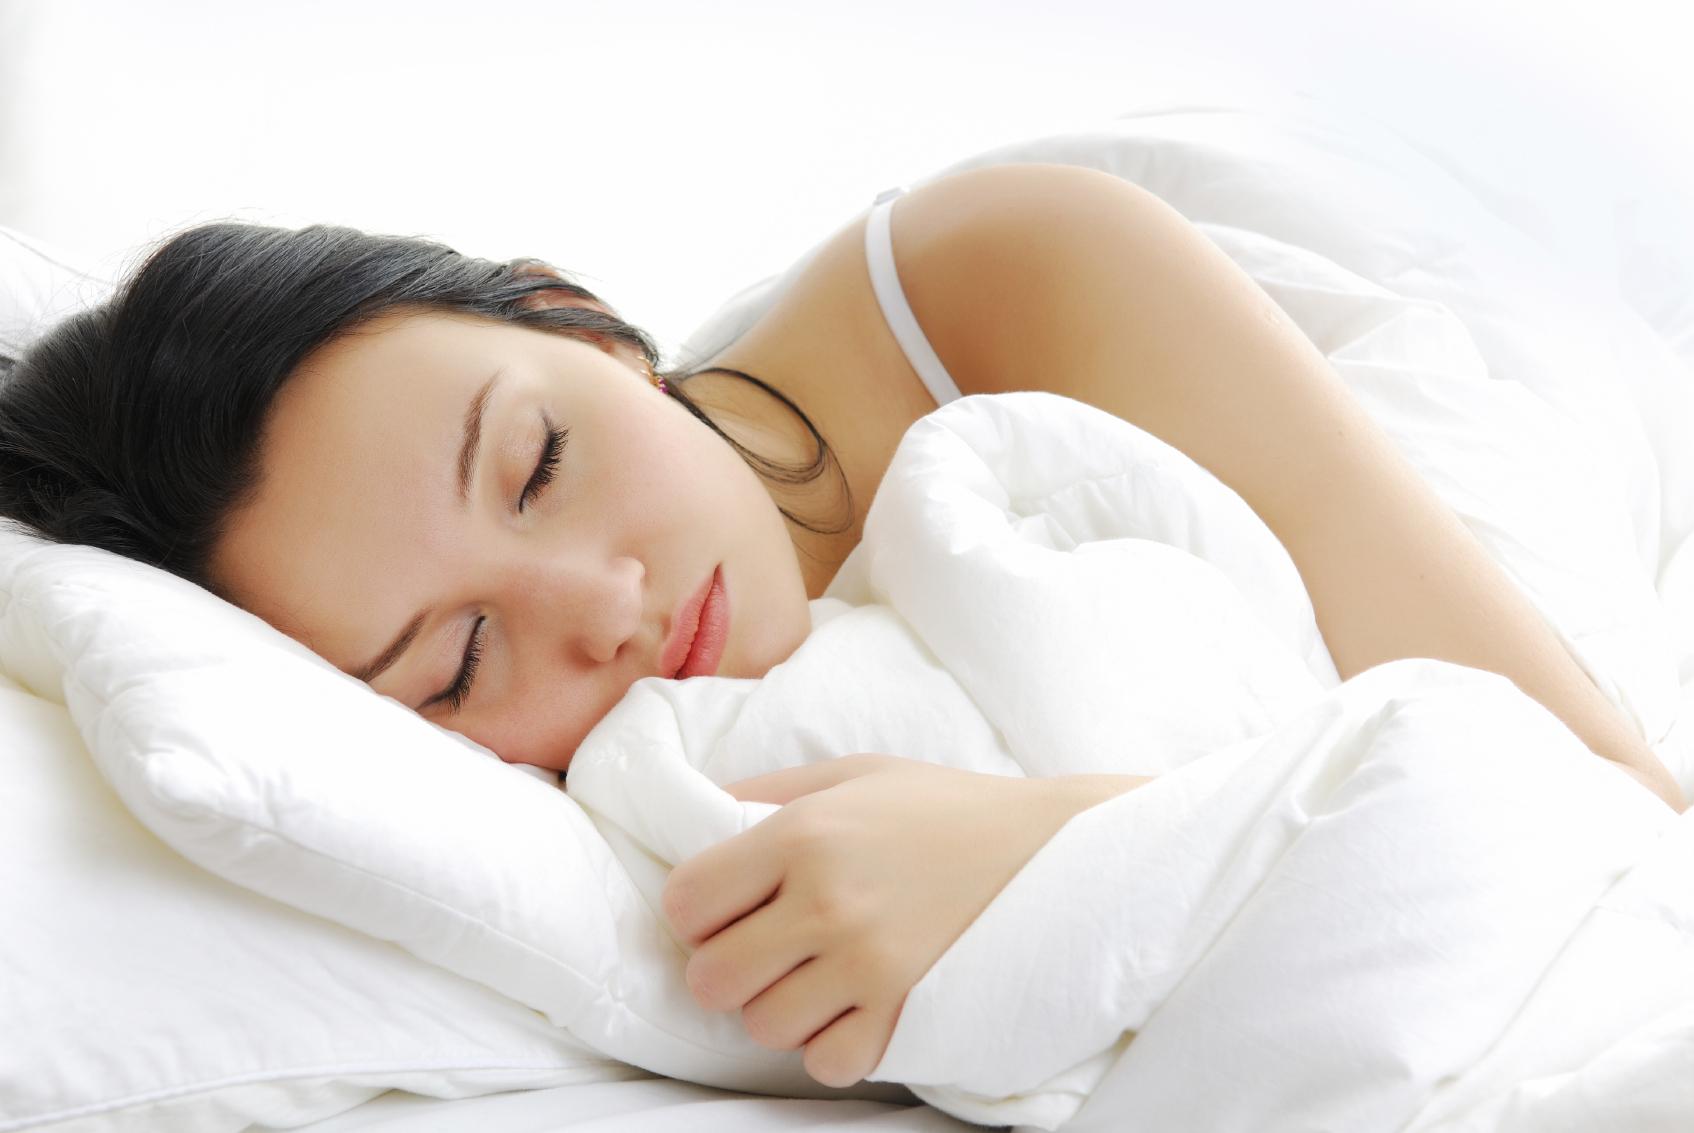 Hình ảnh cô gái khó ngủ mếu máo